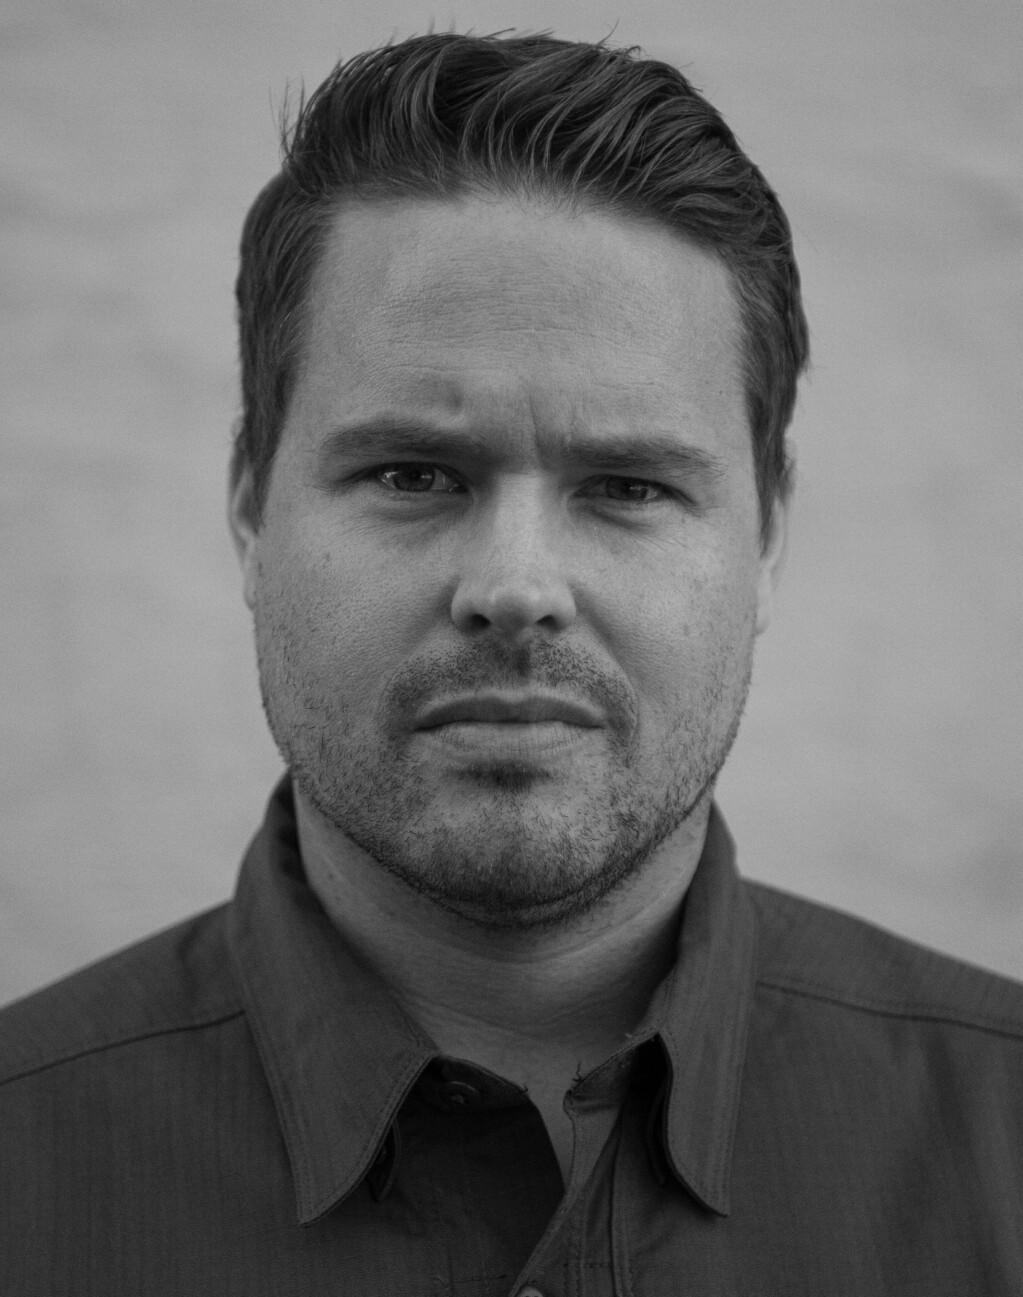 BLOMSTERHAV: Nestlagfører Andre Sikora husker blomsterhavet som etterhvert dukket opp på Løvebakken, like ved der han sto vakt.